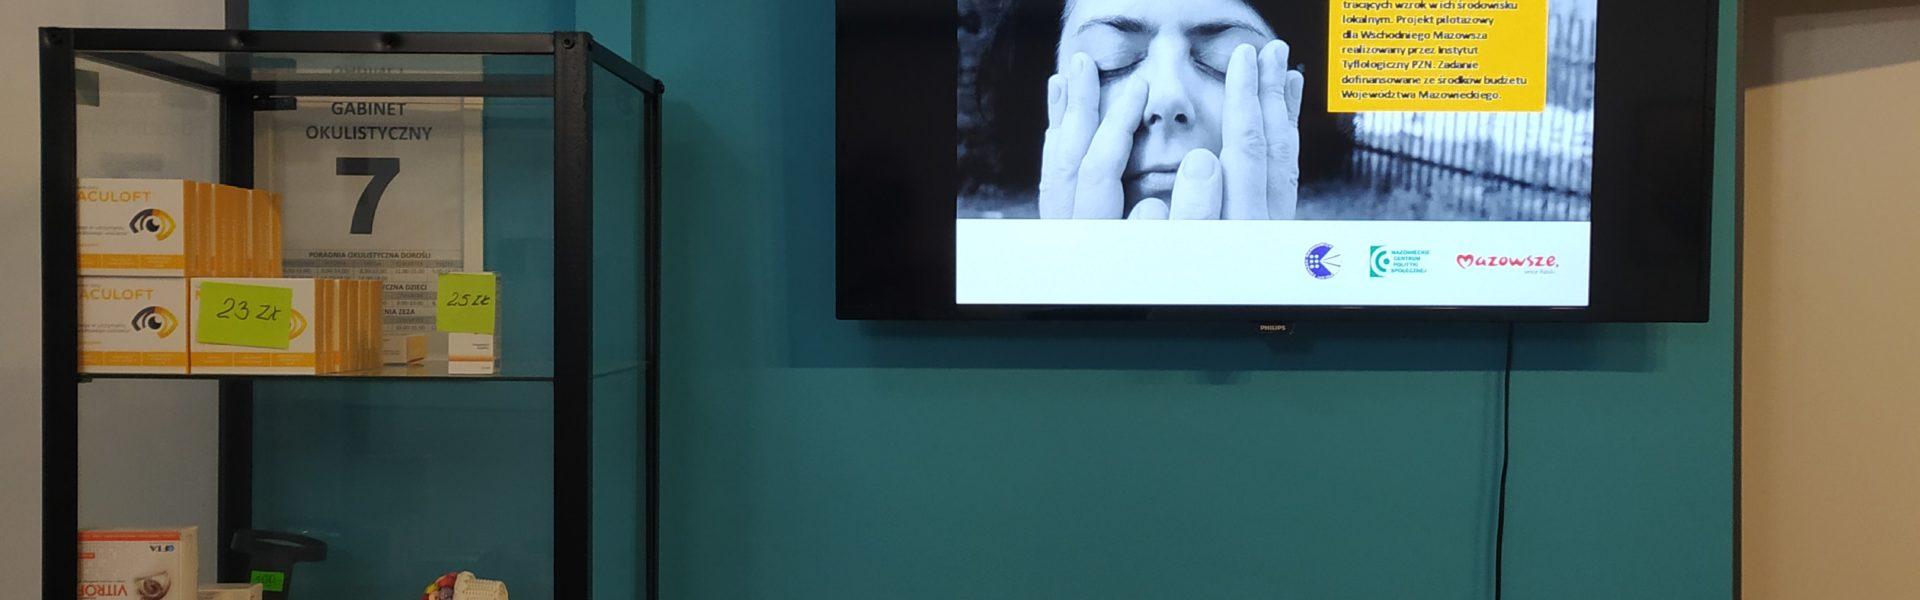 Centralna Przychodnia Rehabilitacyjno-Lecznicza PZN. Na małym telewizorze wyświetla się plakat projektu.